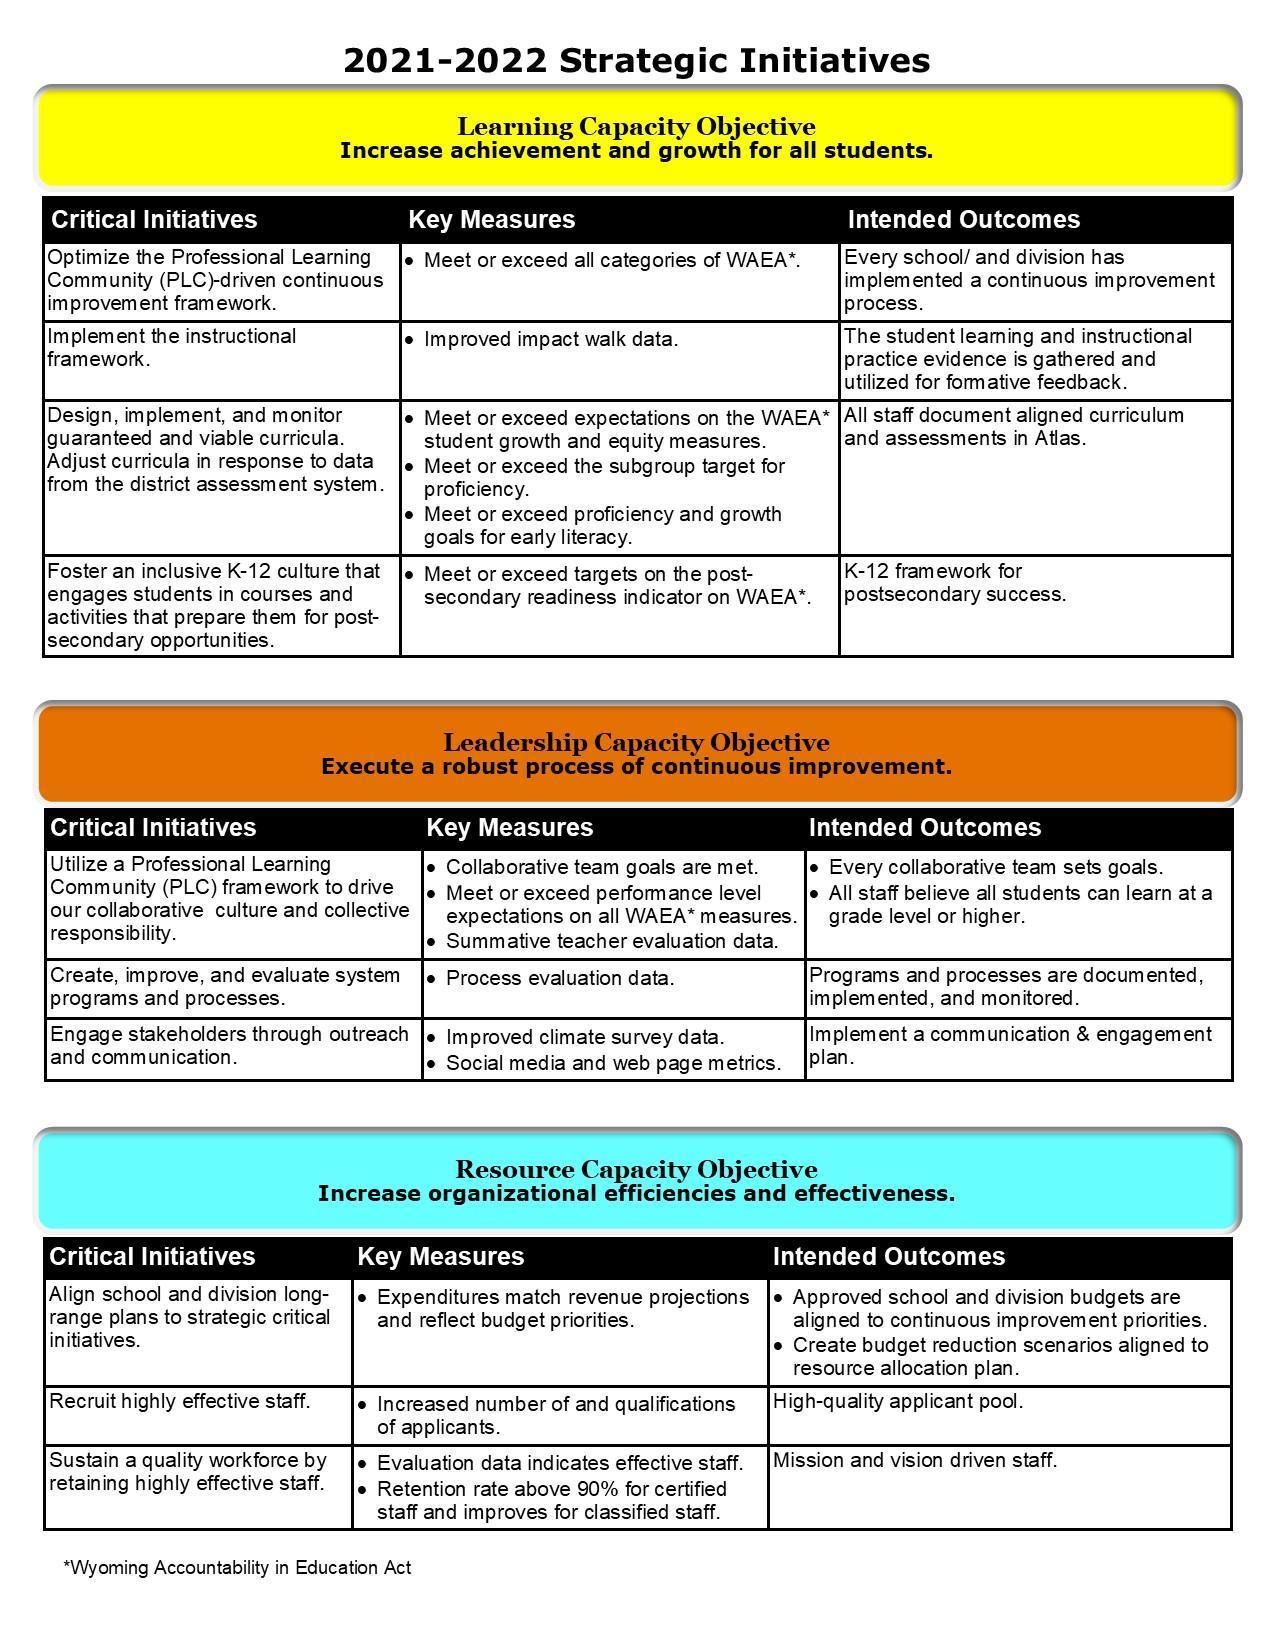 Board Strategic Initiatives